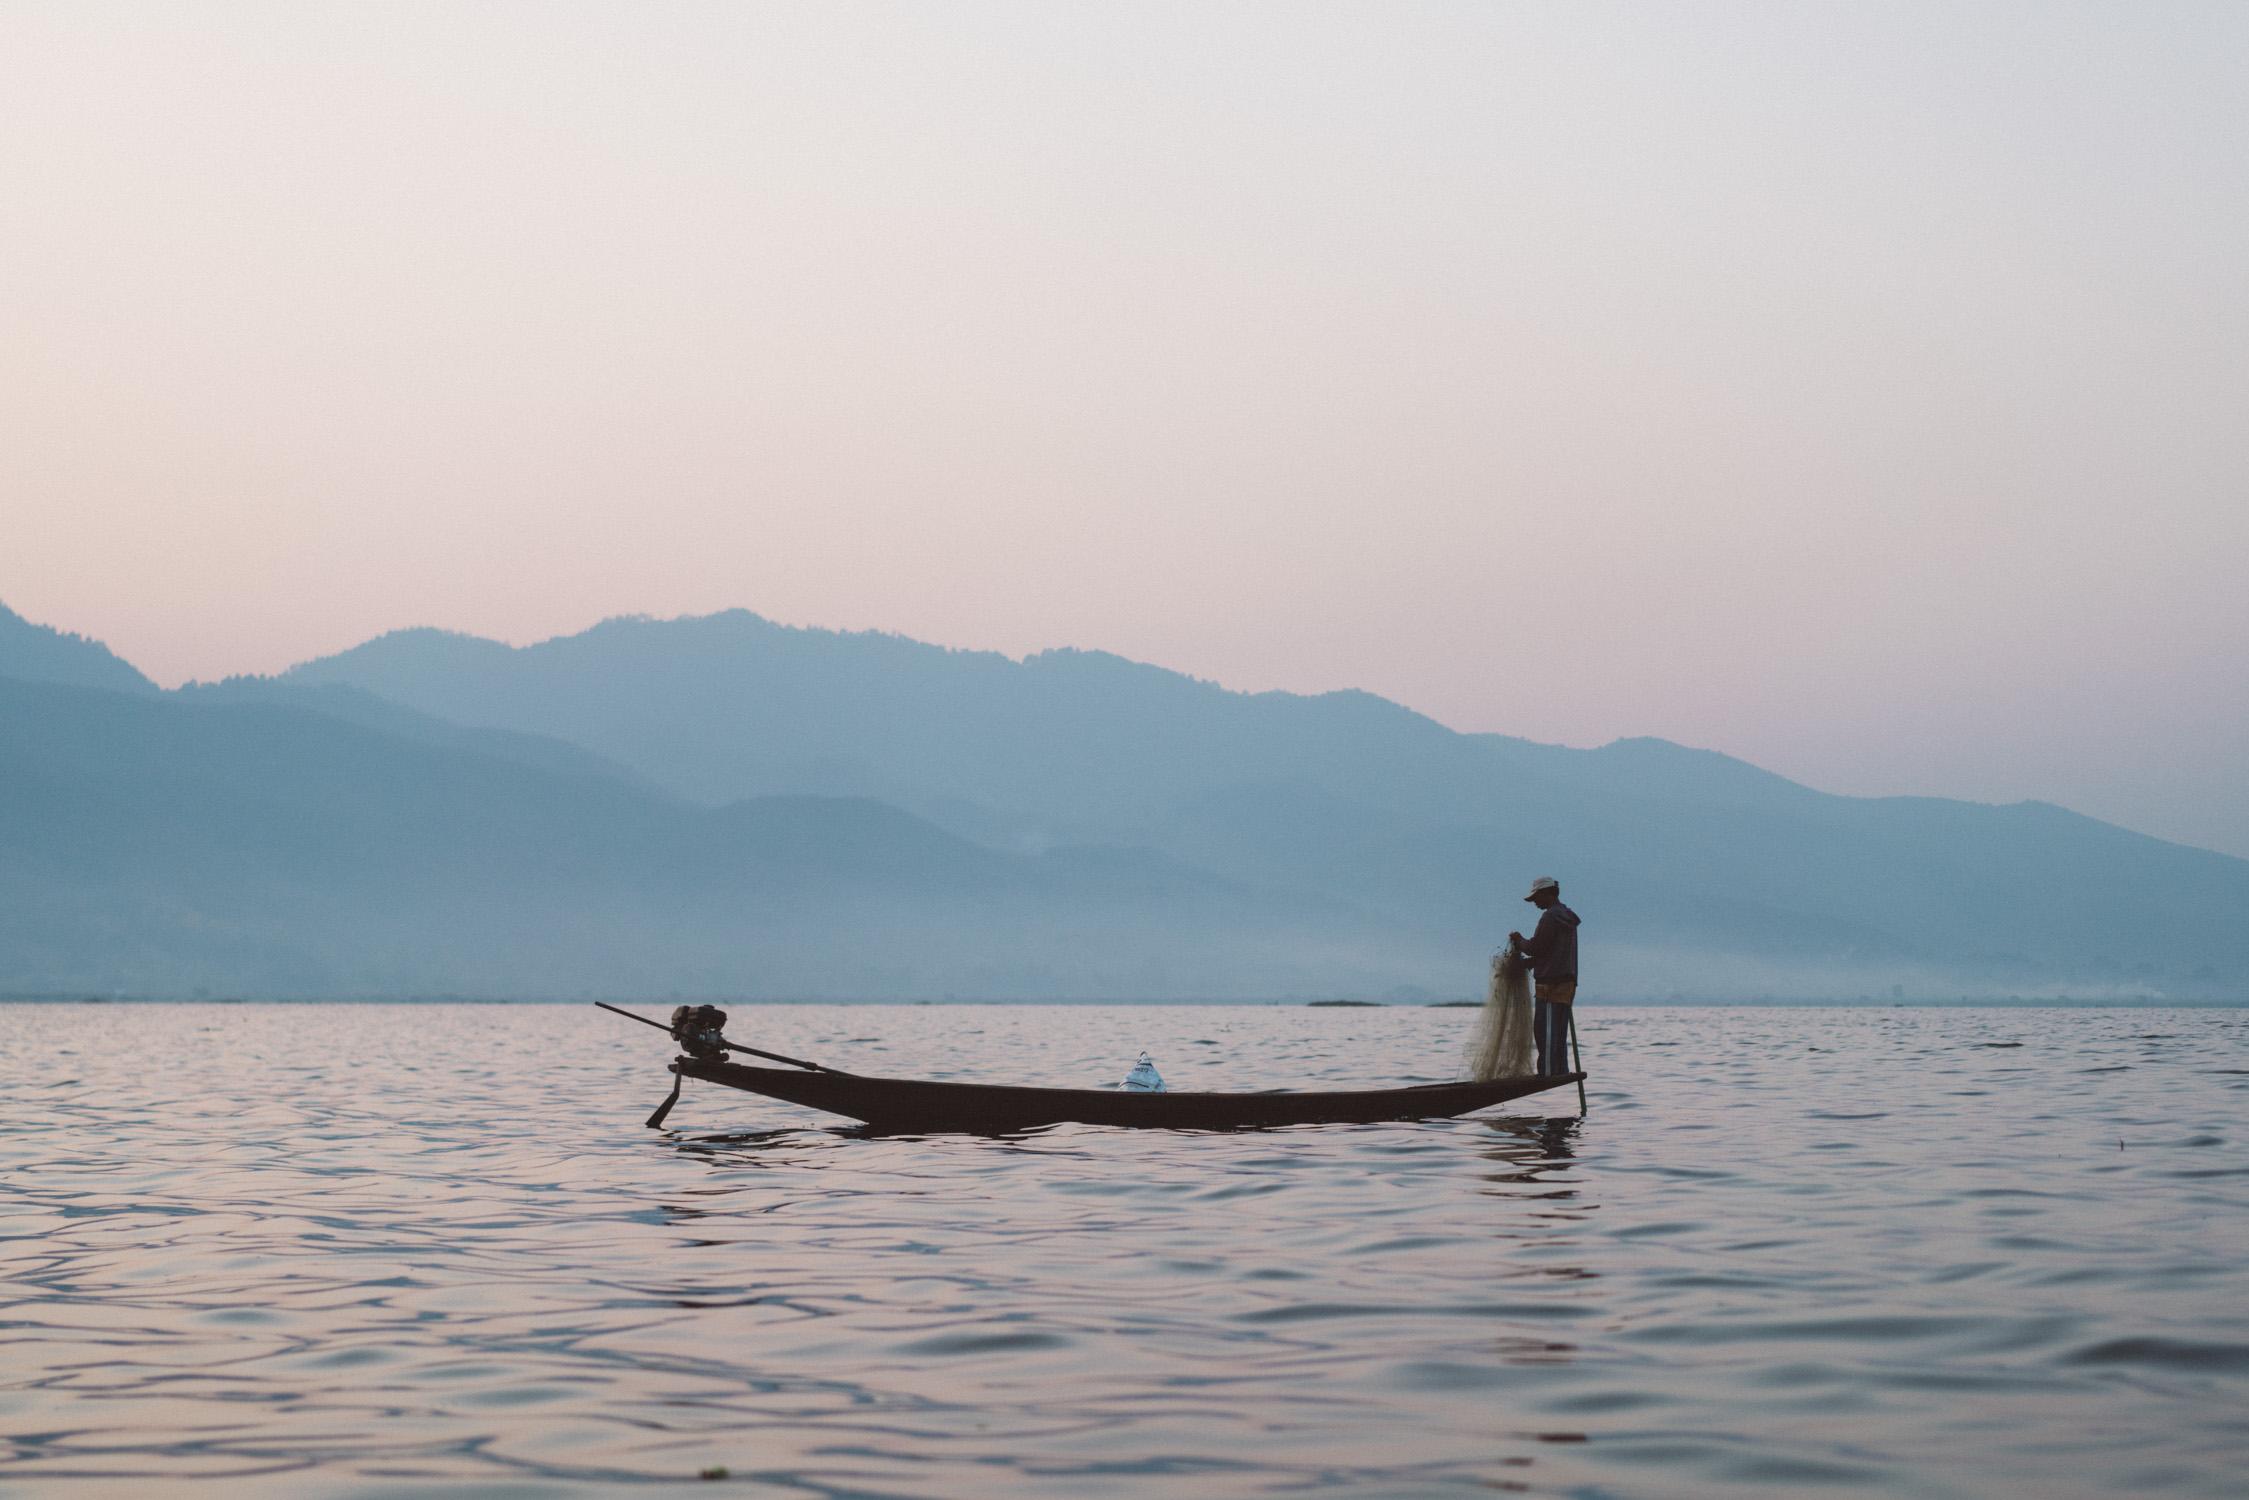 fisherman [David Tan]